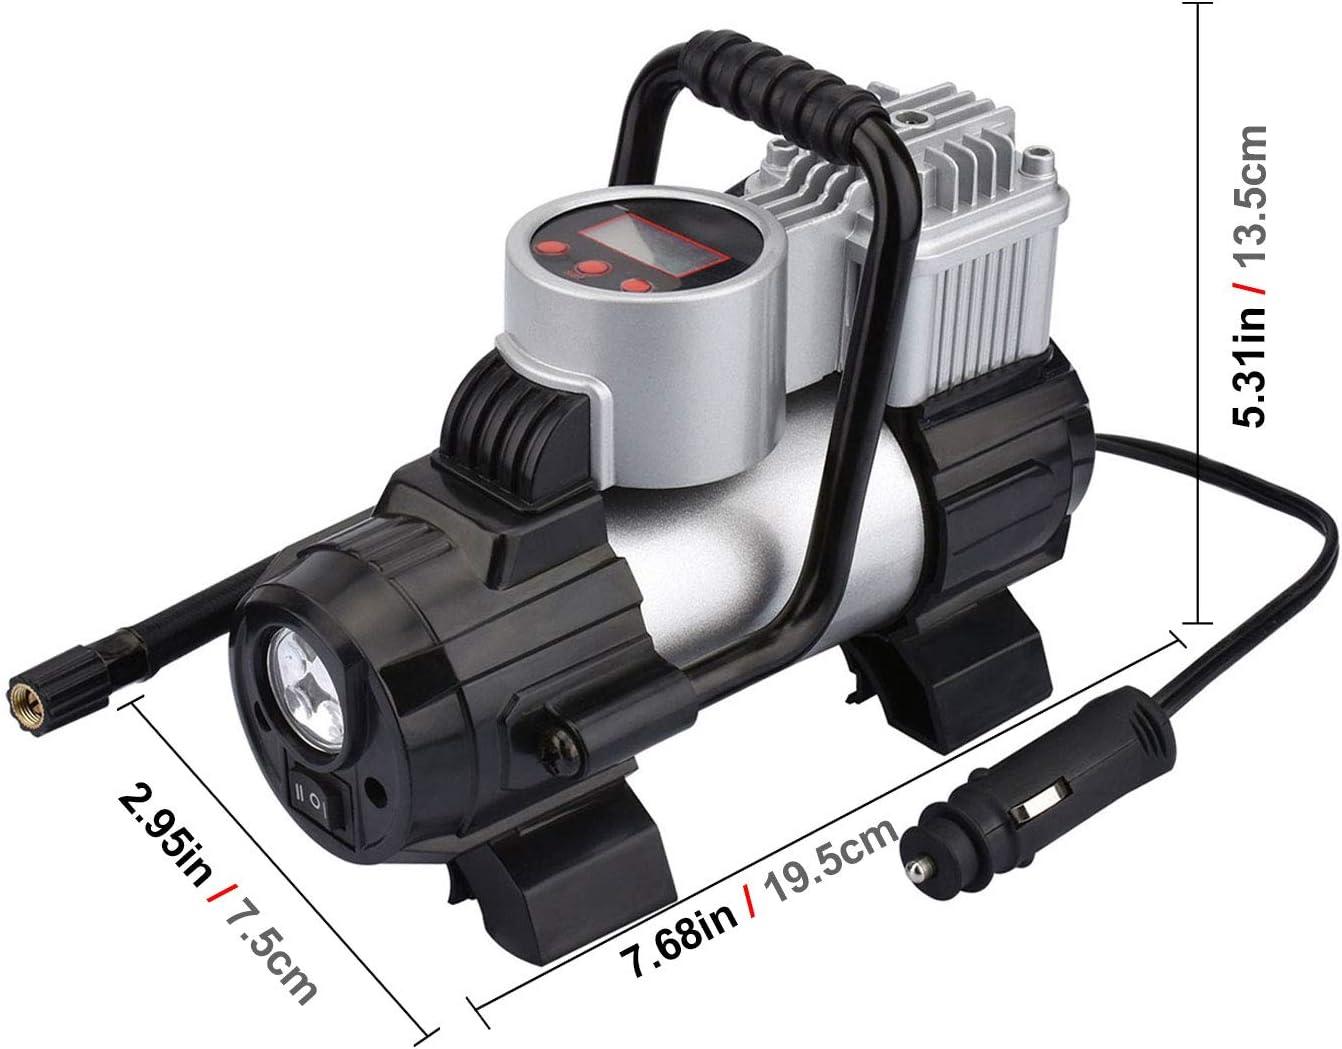 Kzkr Minikompressor Auto Tragbare Luftkompressorpumpe 12v Voreingestellt Digitale Reifenfüller Eingebauter Lcd Bildschirm Überhitzungsschutz Für Auto Fahrrad Und Andere Inflatables Auto